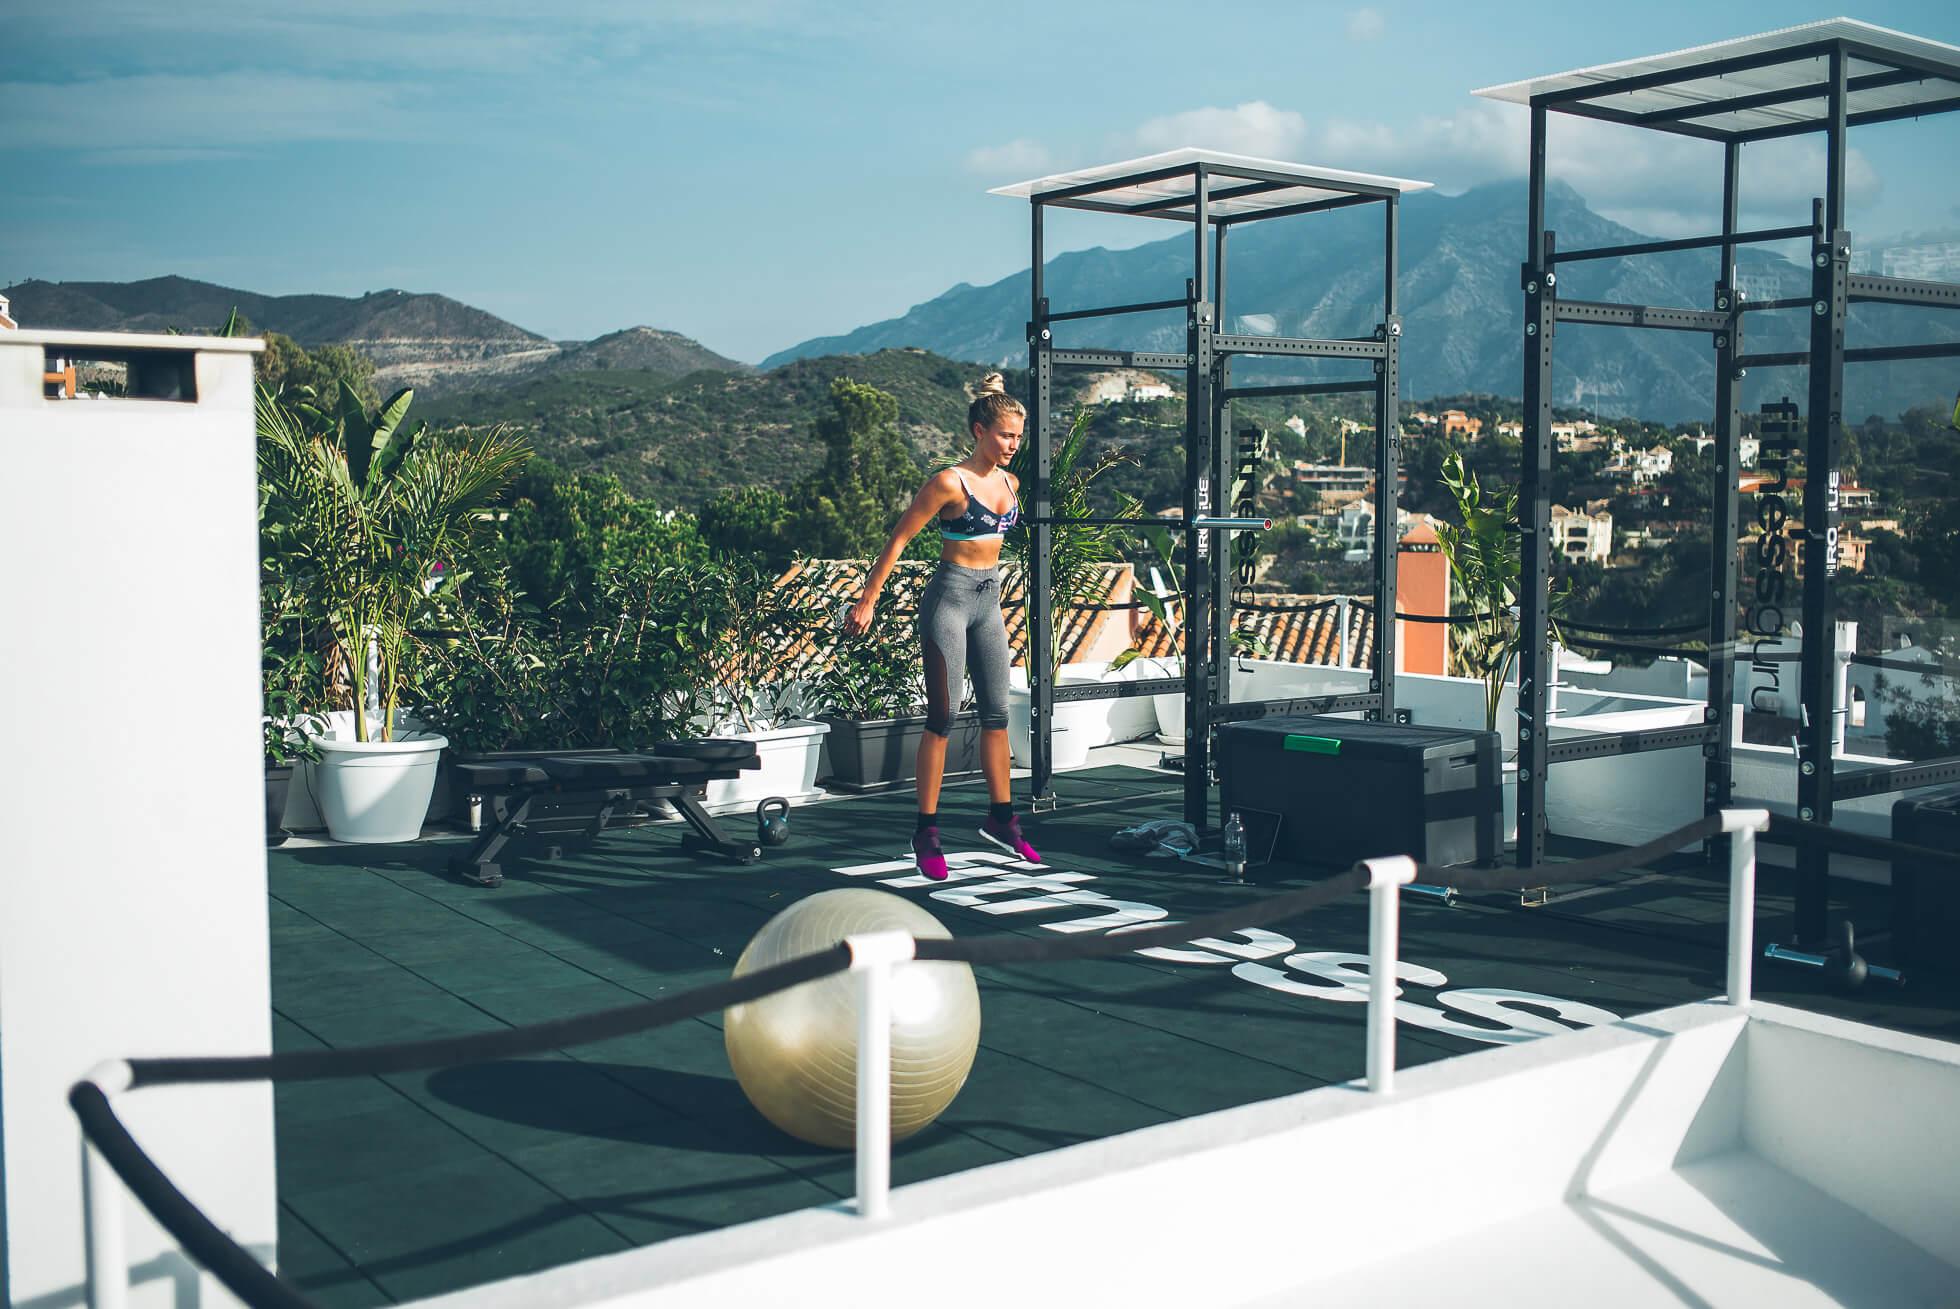 janni-deler-rooftop-workoutL1009065